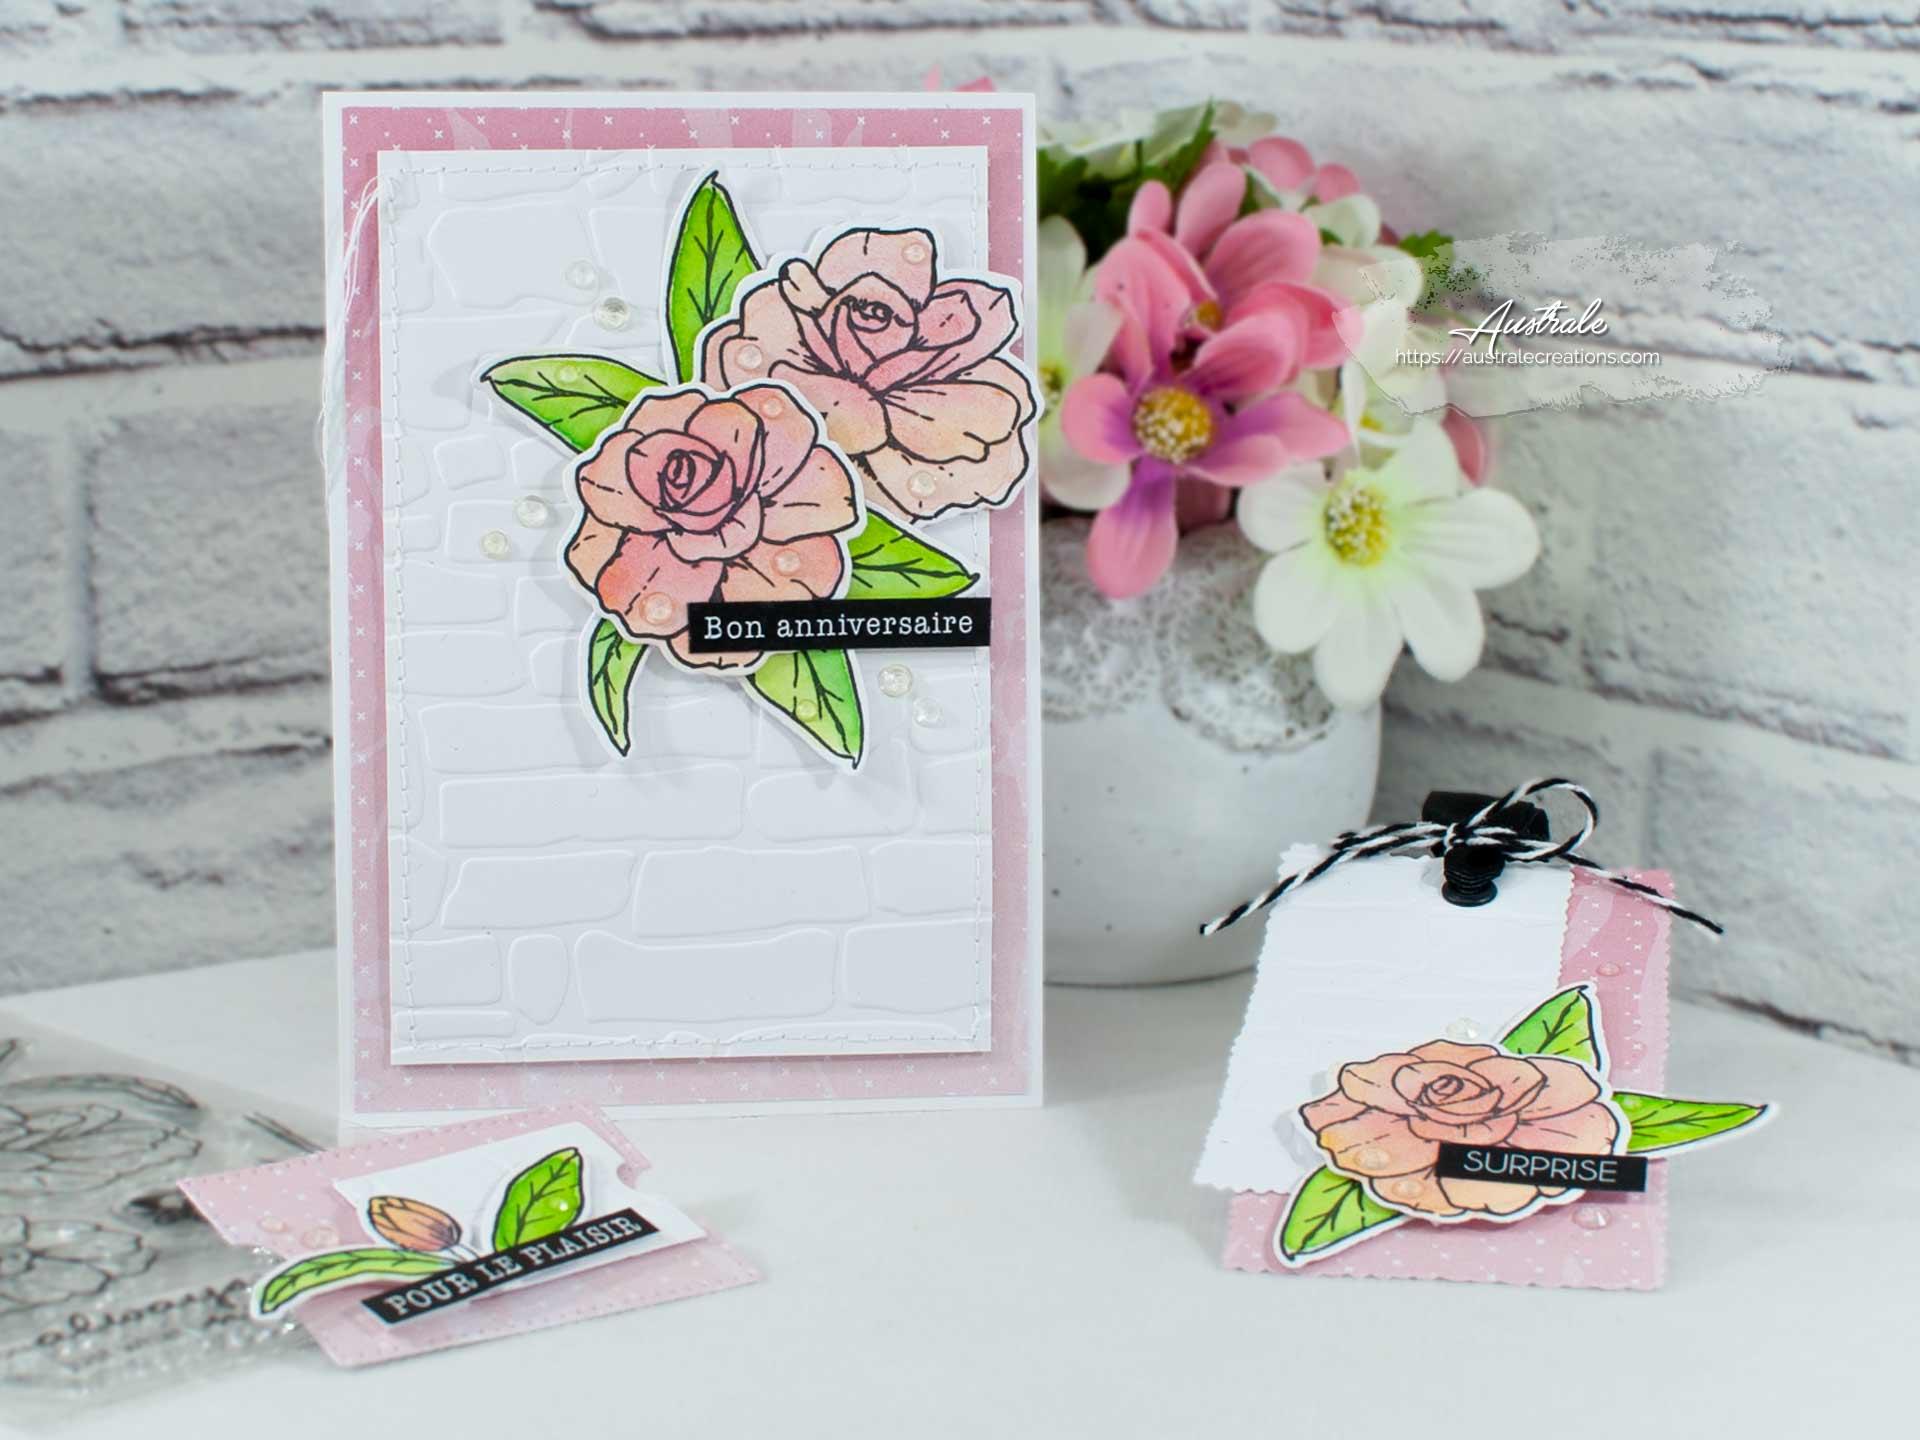 Création d'un ensemble pour cadeau d'anniversaire composé d'une carte et de deux étiquettes. Elles sont décorées de fleurs et feuillages mis en couleurs à l'aquarelle dans un combo en rose, blanc et vert.